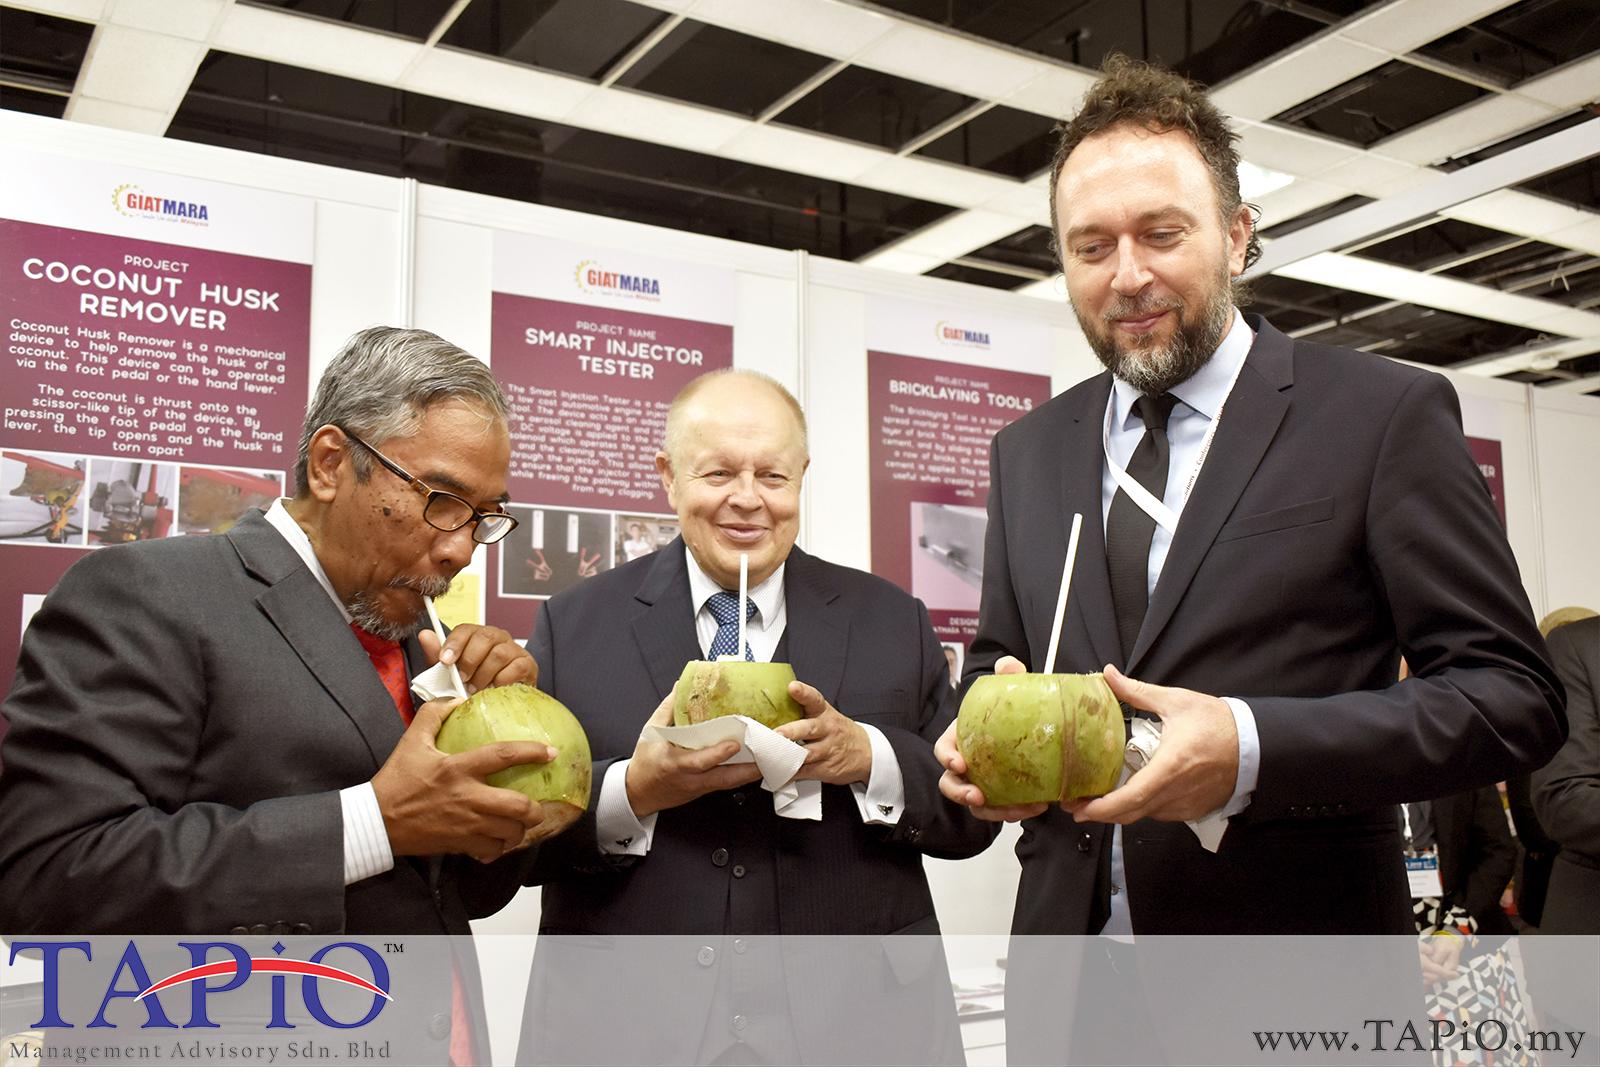 Malaysia Technology Expo - 21/02/2019 (6)